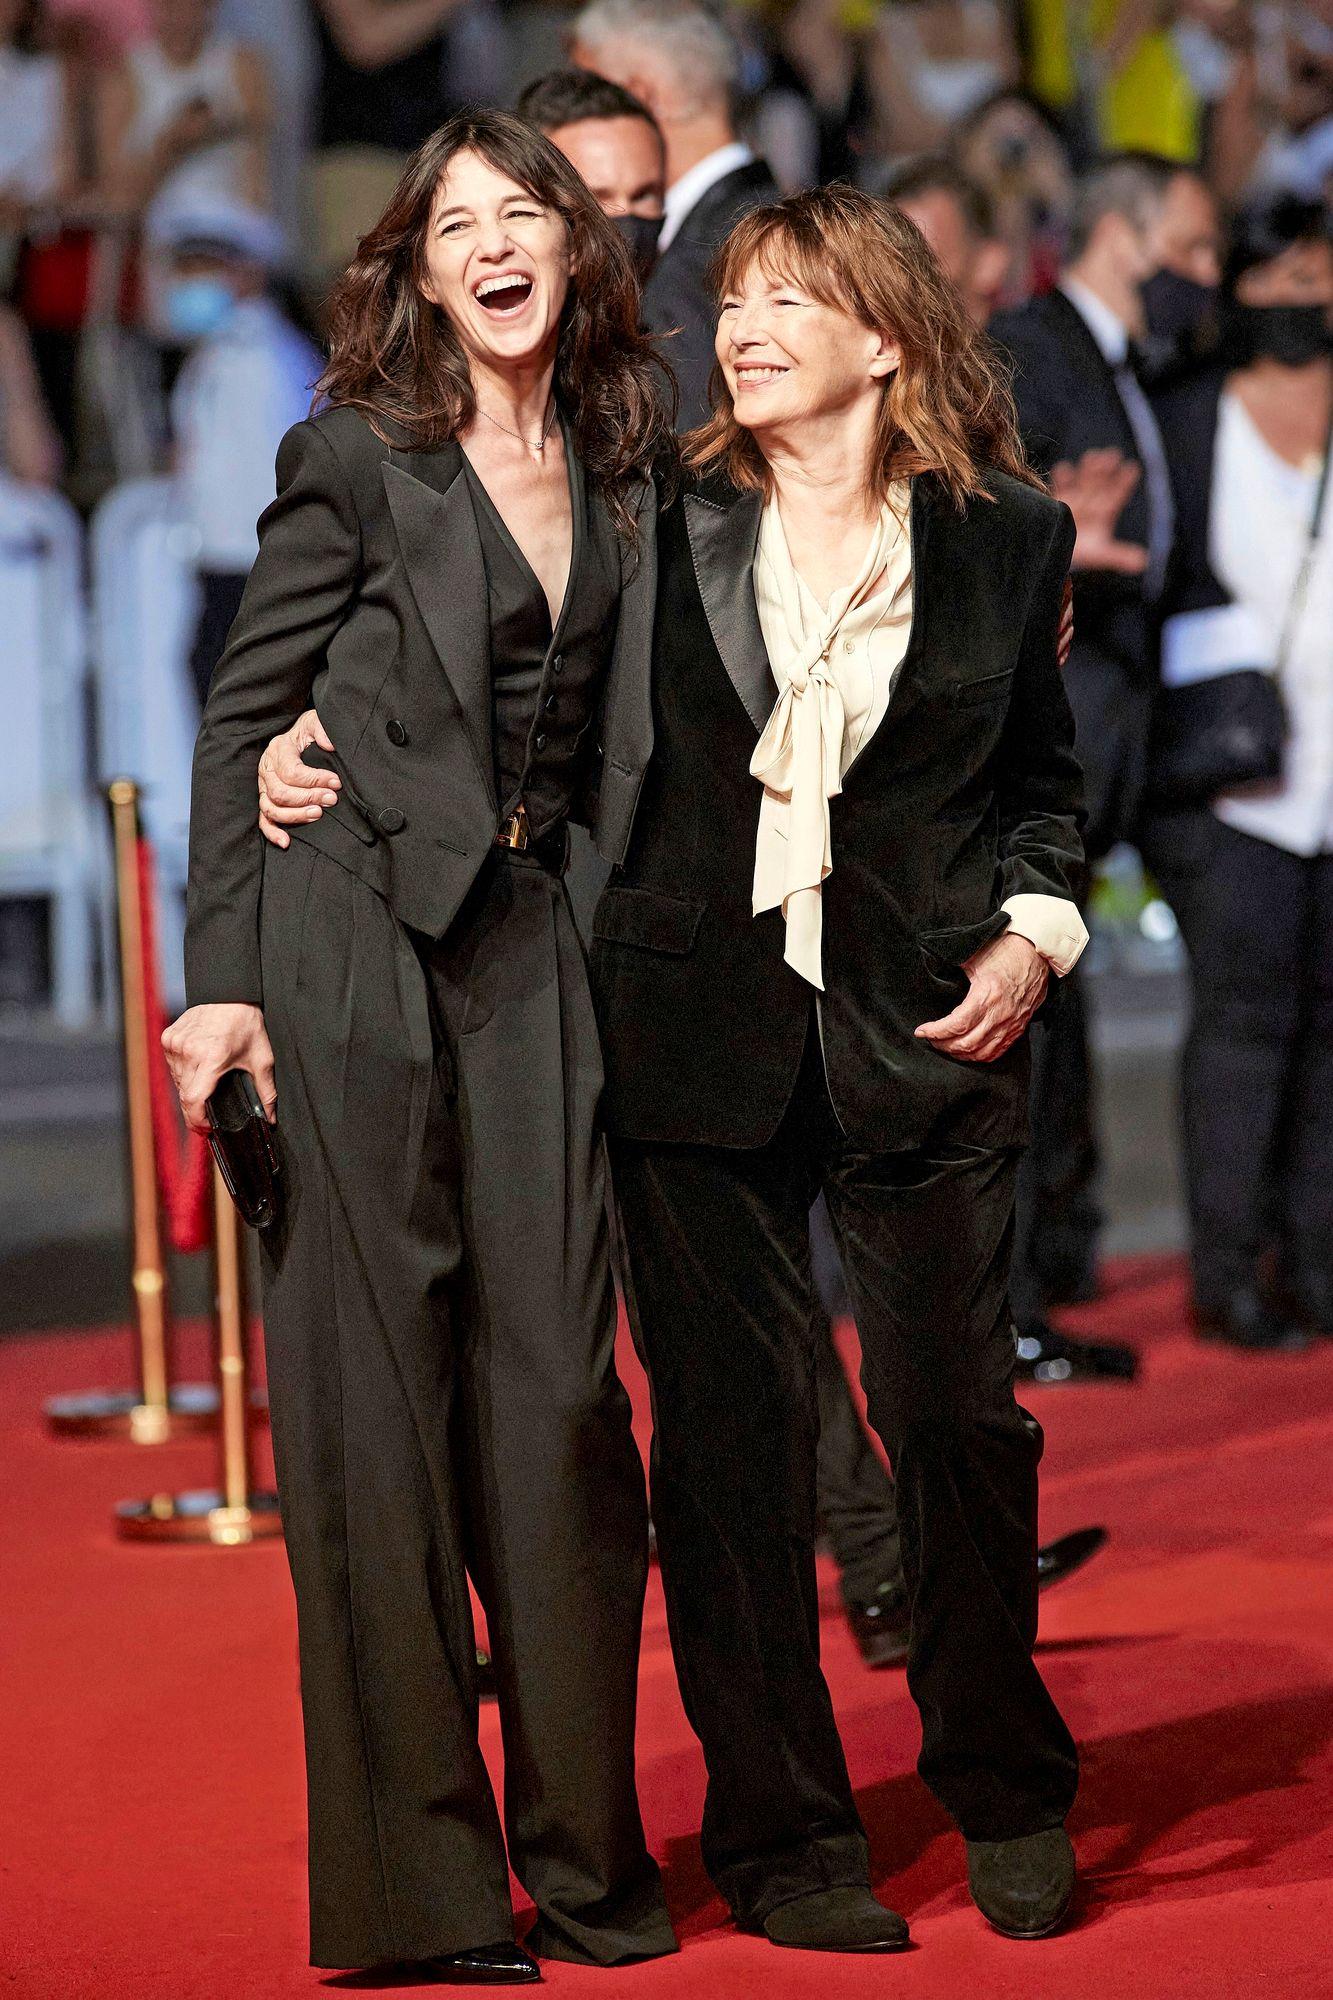 Näyttelijä-laulaja Jane Birkin otti Cannesissa ilon irti tyttärensä Charlotte Gainsbourgin kanssa. Kaksikko poseerasi hyväntuulisena The Velvet Underground -elokuvan punaisella matolla. © JACOVIDES-BORDE-MOREAU / BESTIMAGE